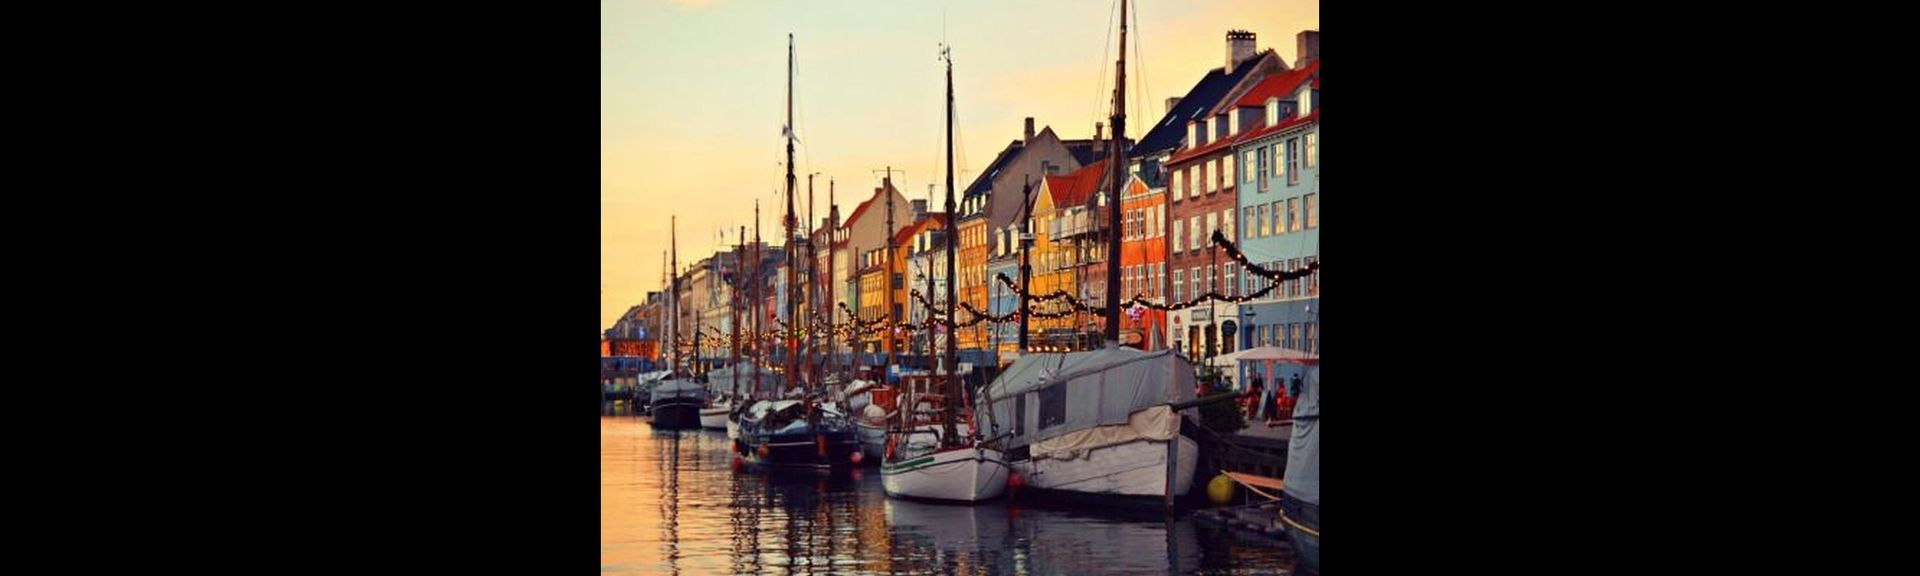 Vallensbæk Strand, Region Hovedstaden, Danmark